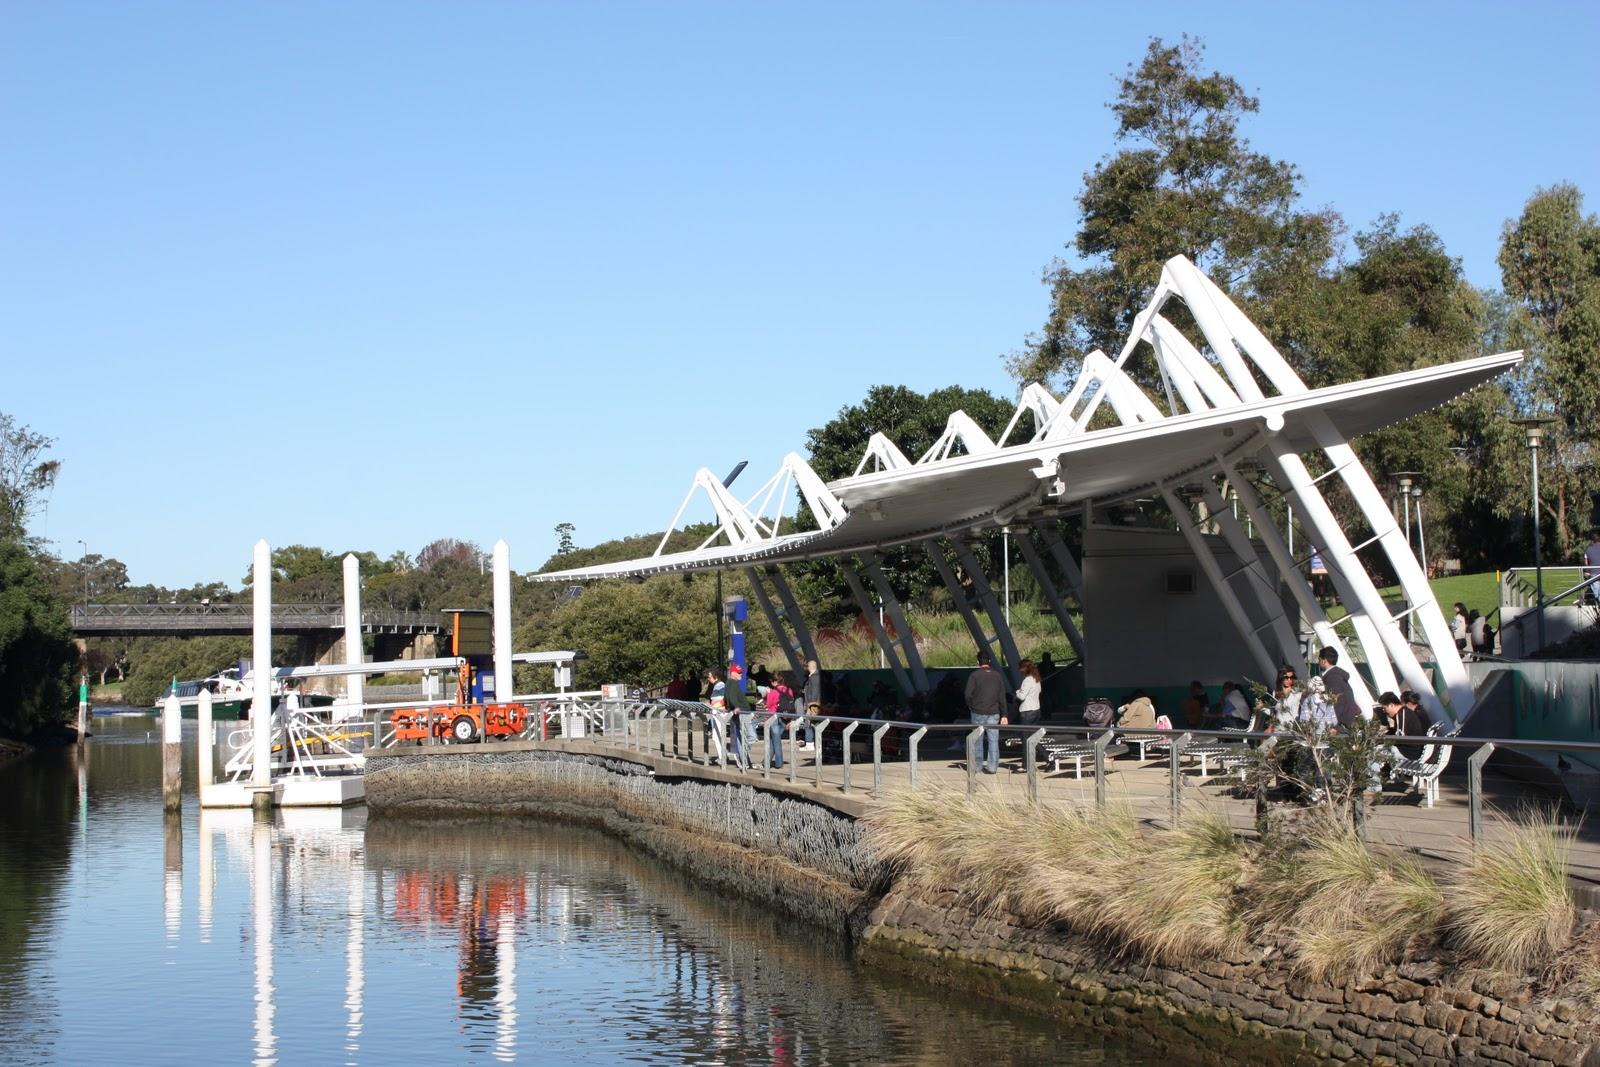 sydney parramatta ferry - photo#3